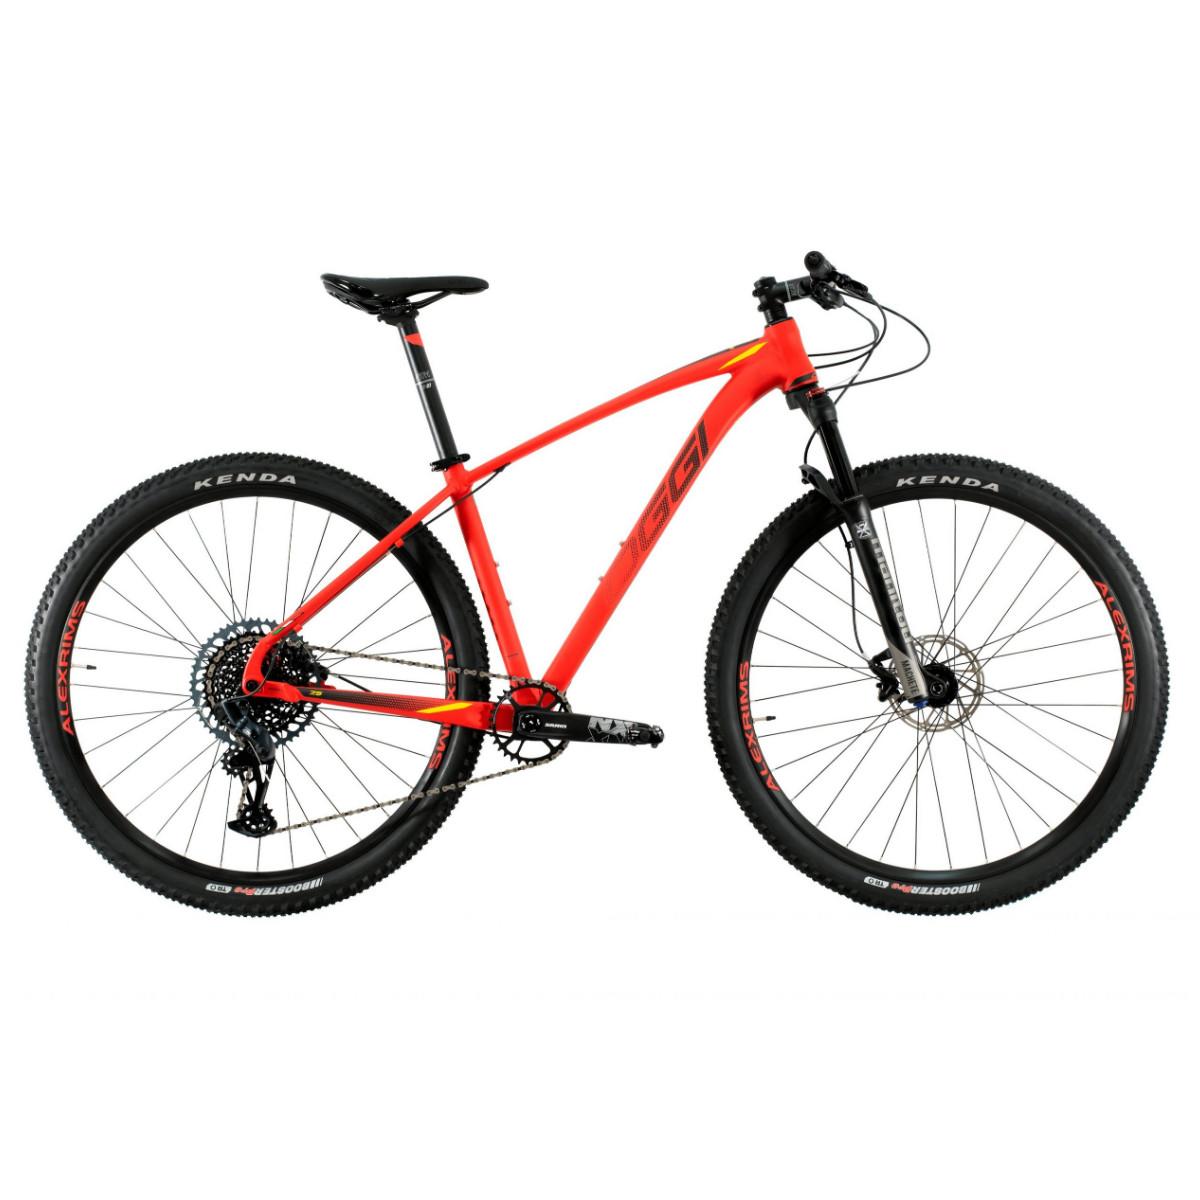 Bicicleta Oggi Big Wheel 7.5 NX/GX 2021 -  Vermelho Preto e Amarelo